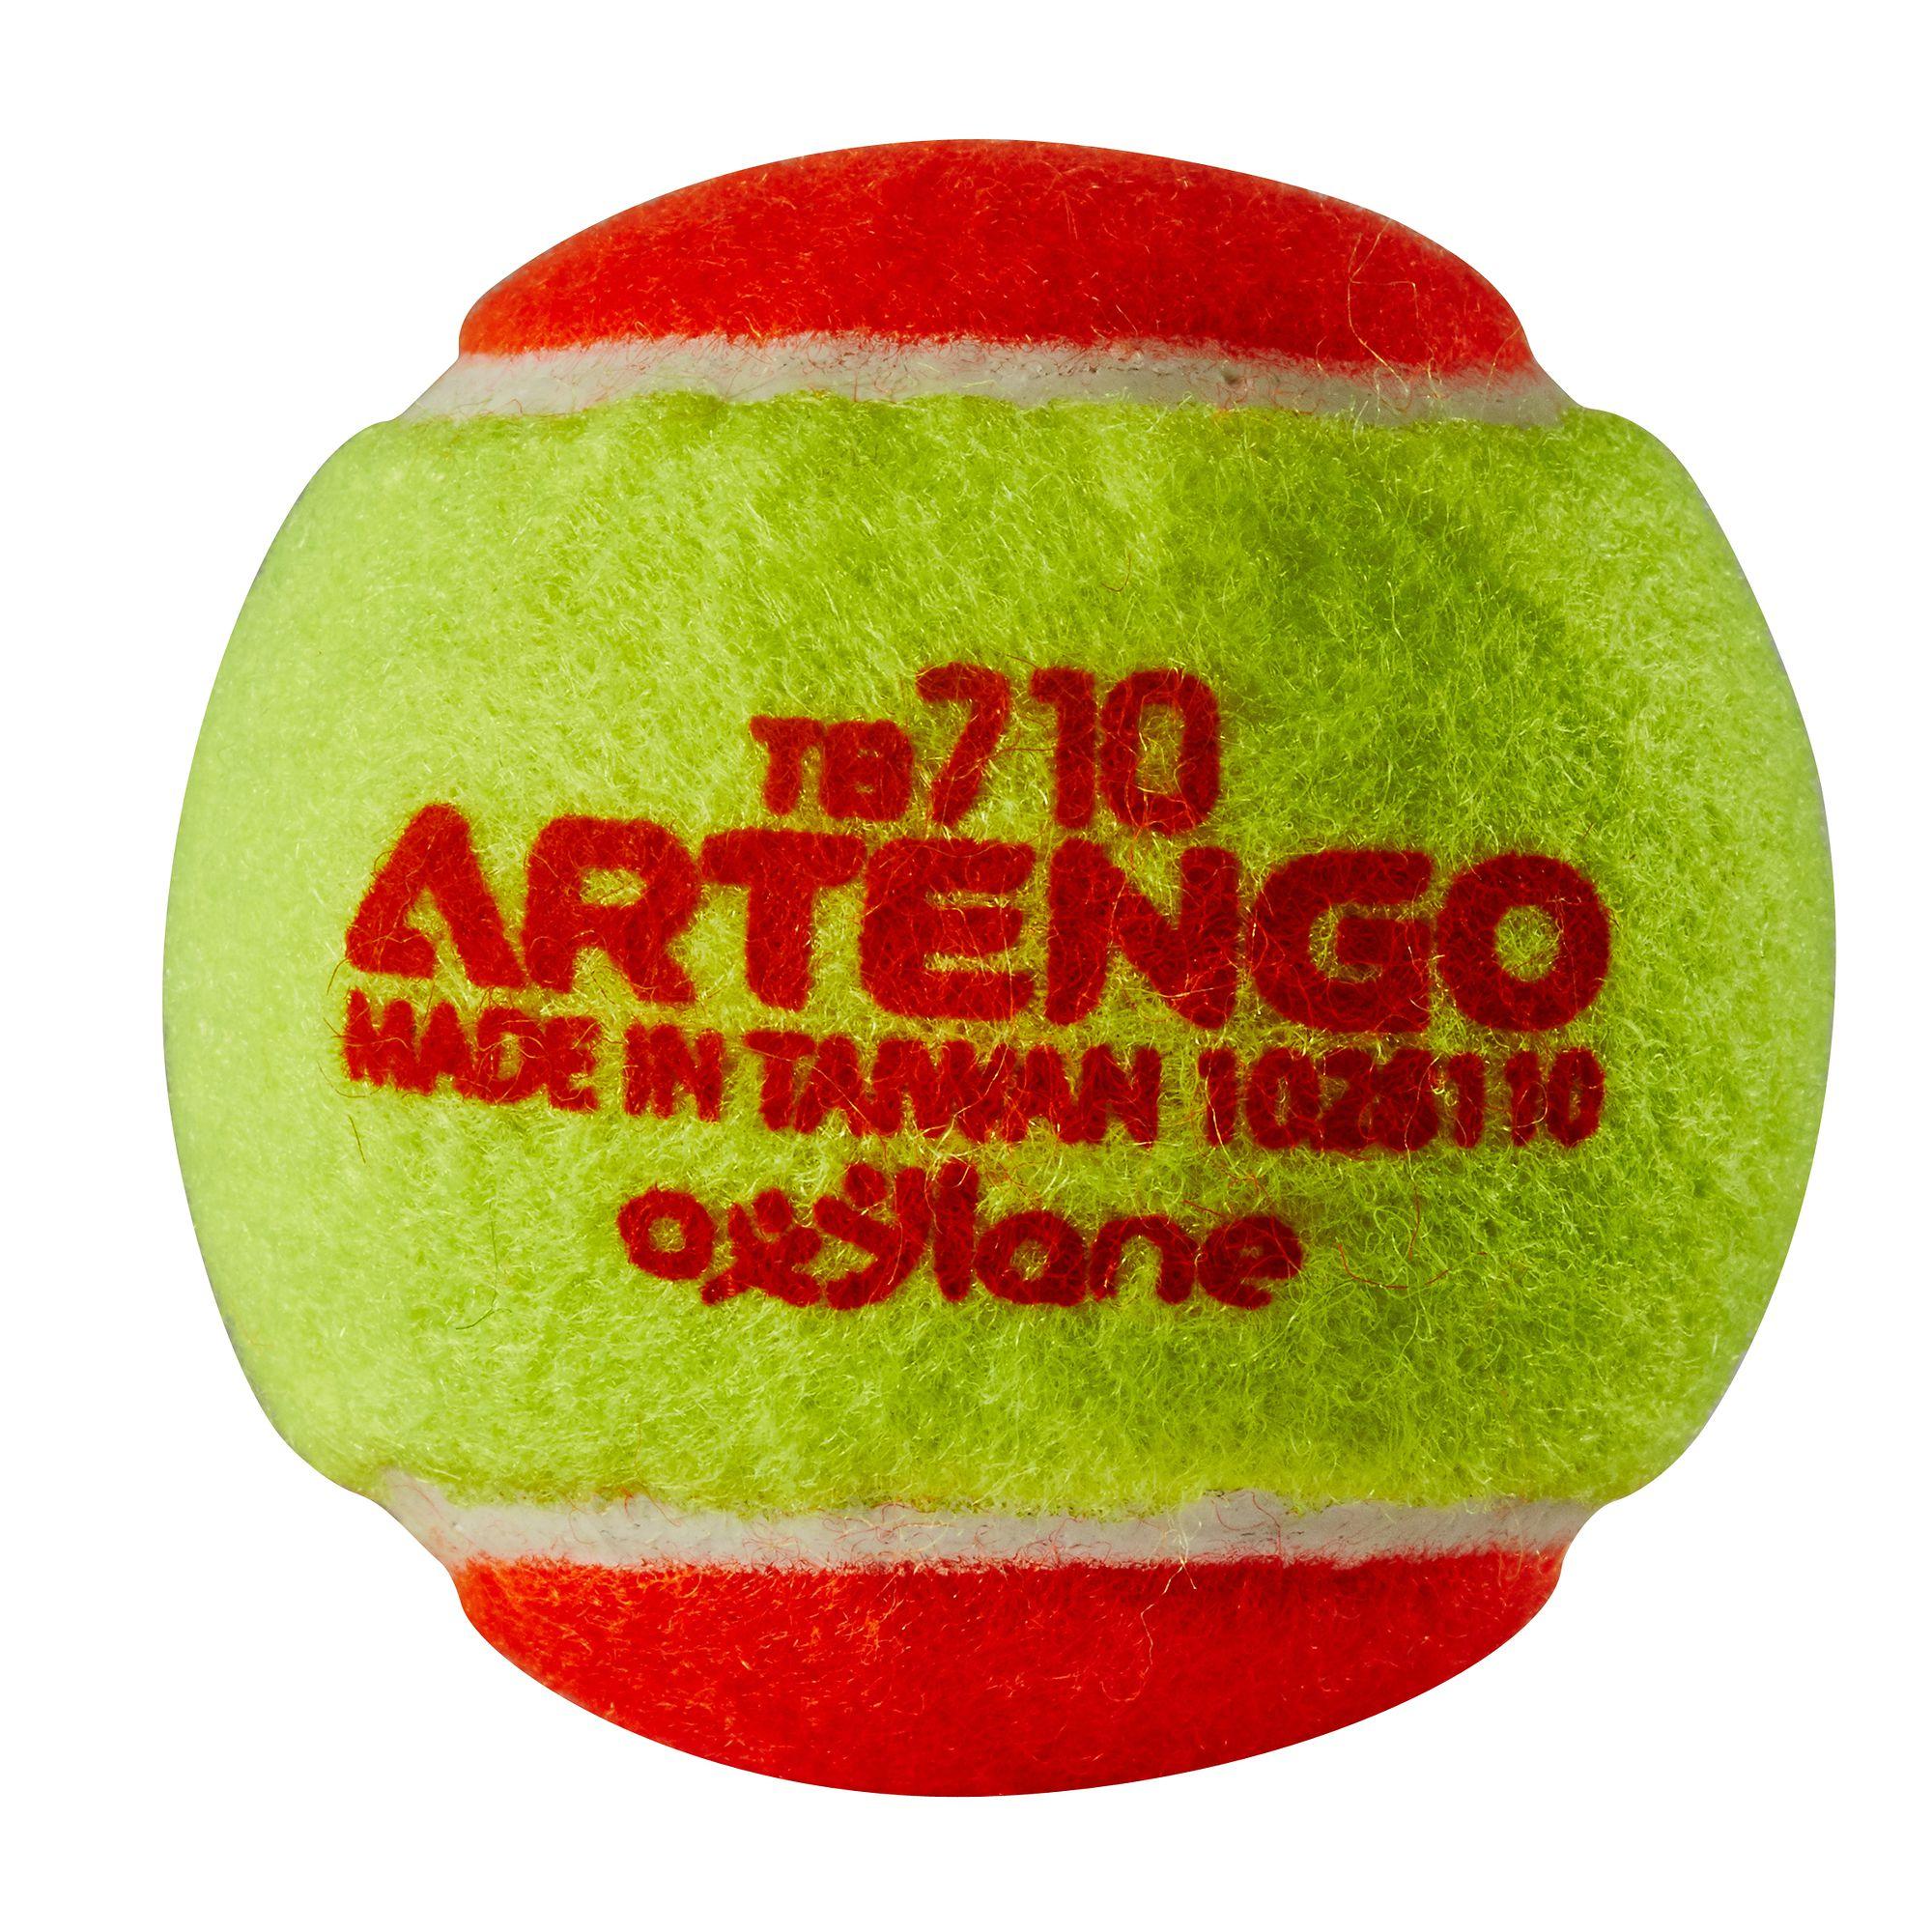 BALLE DE TENNIS TB 710 ARTENGO